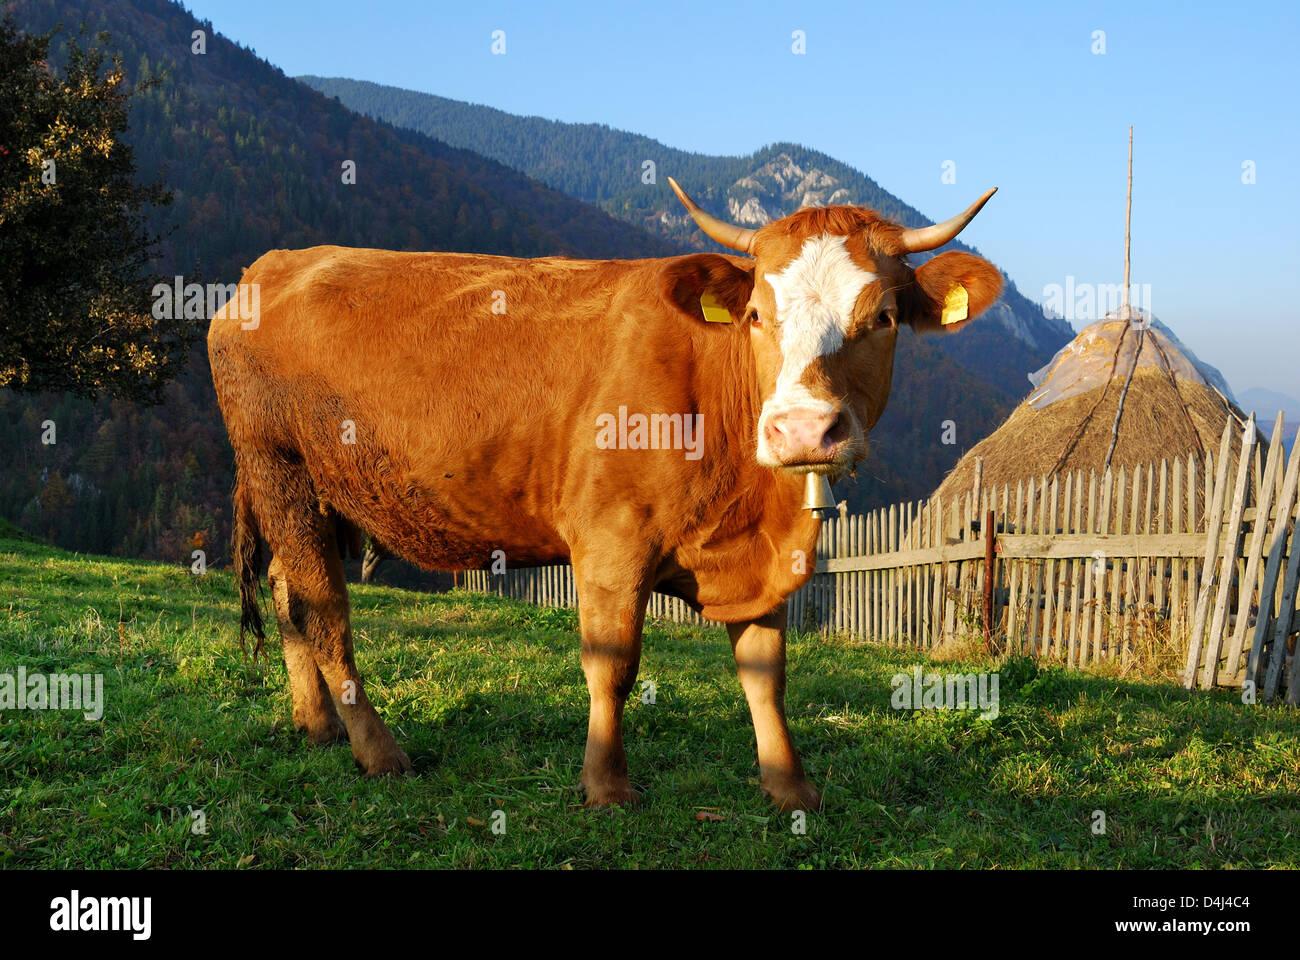 Paysage rural dans les Carpates avec la vache dans l'image. Photo Stock